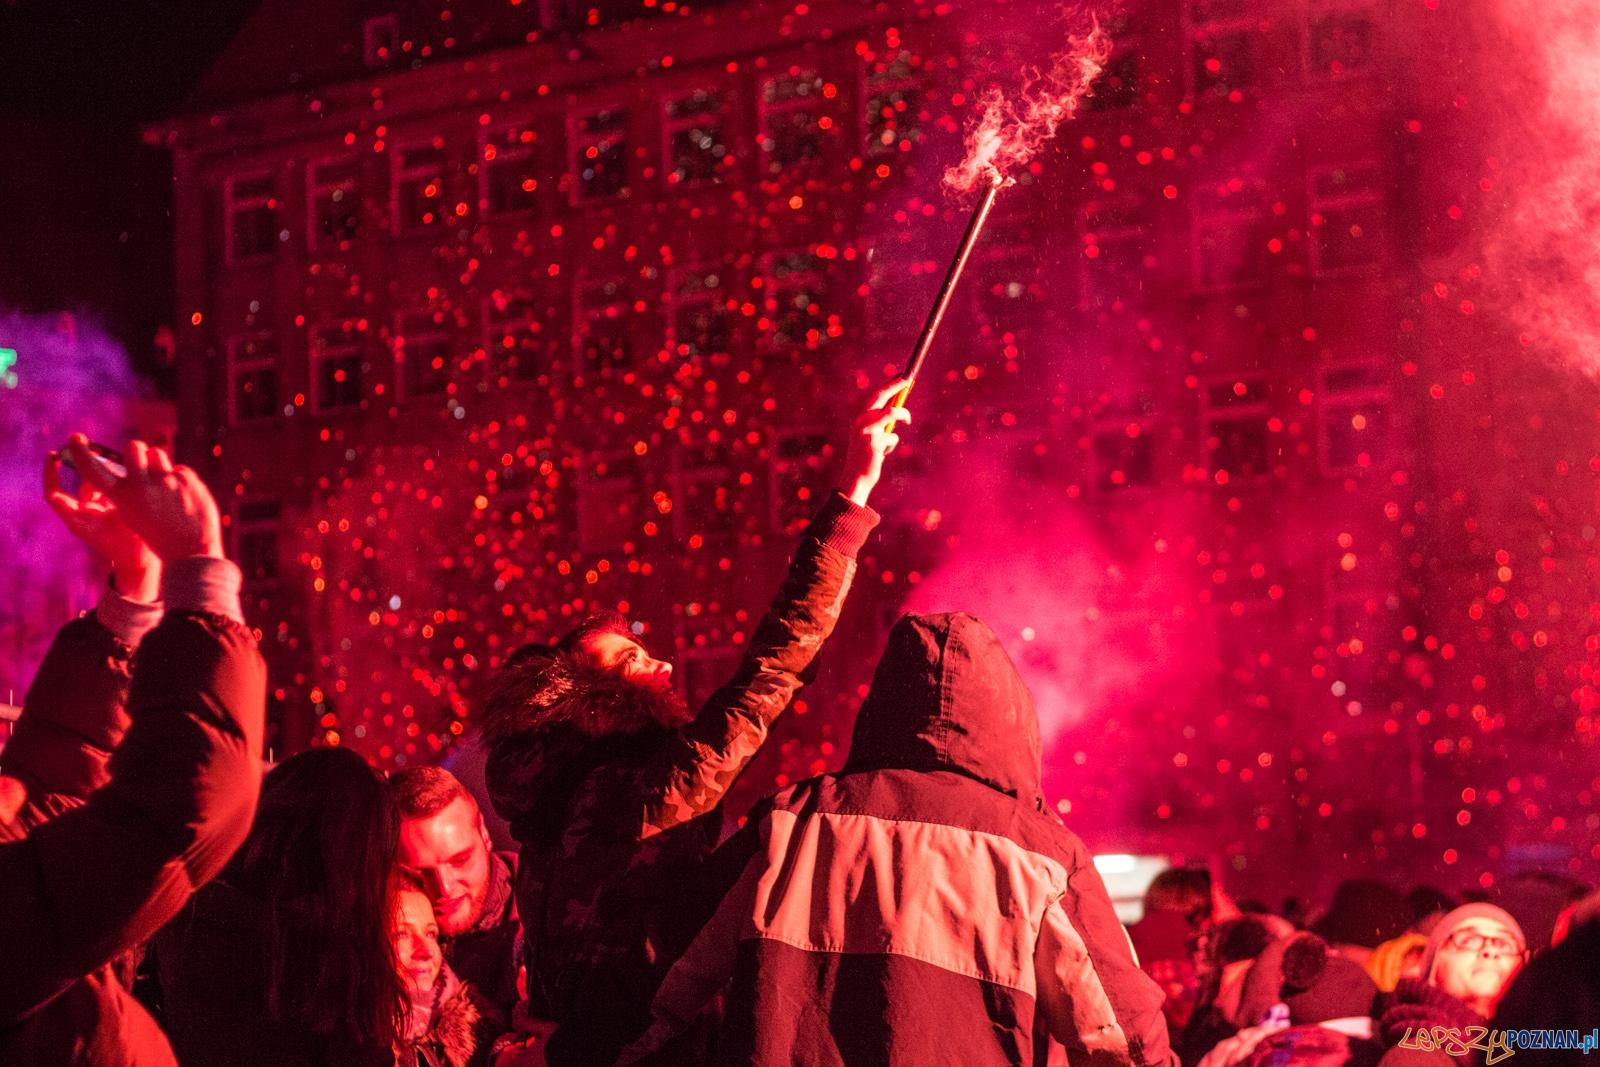 Sylwester Retro-Futuro na placu Wolności  Foto: lepszyPOZNAN.pl / Ewelina Jaśkowiak